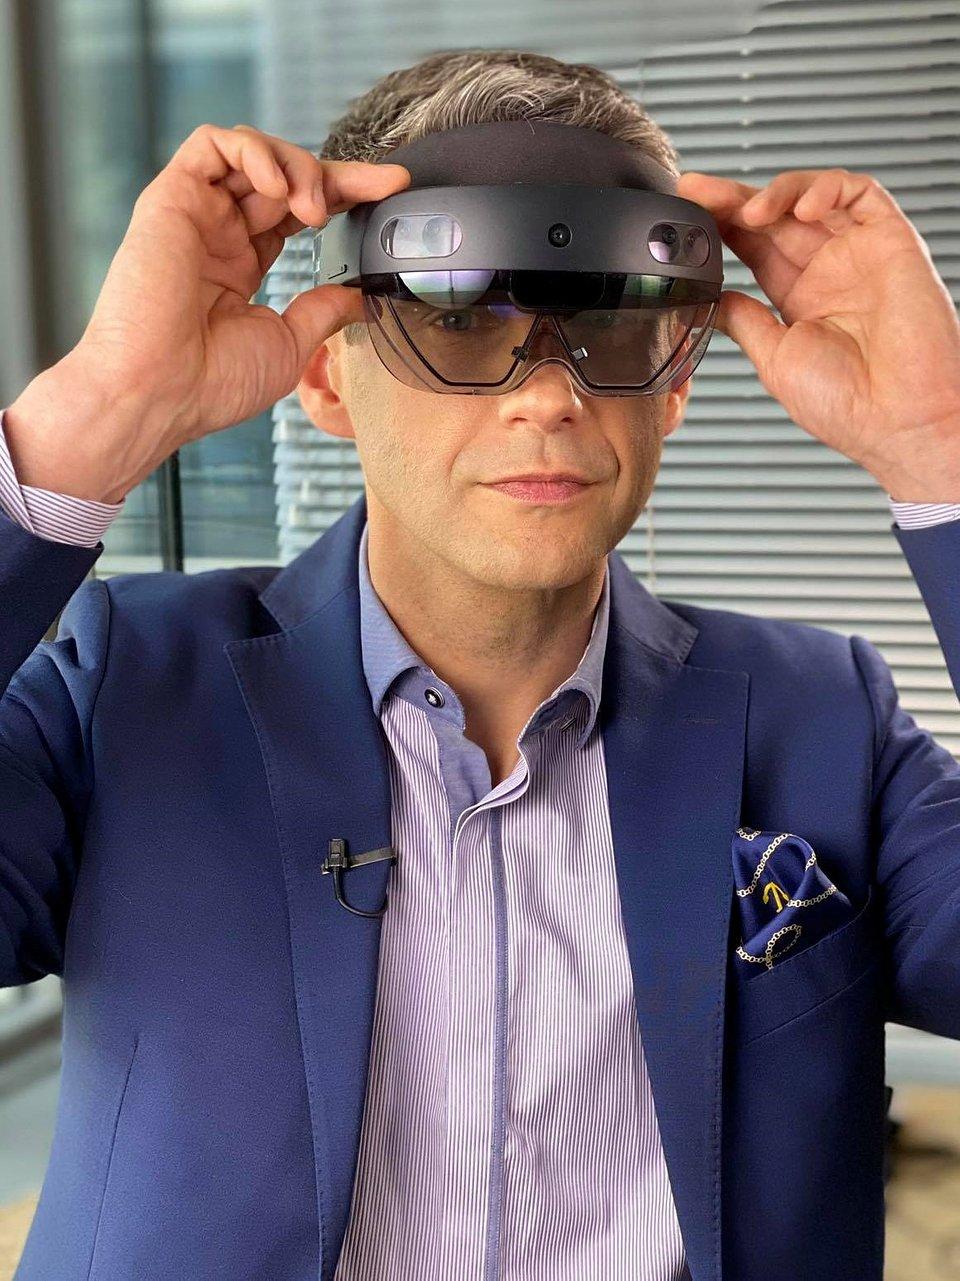 Przemysław Budnicki, CEO Holo4Labs